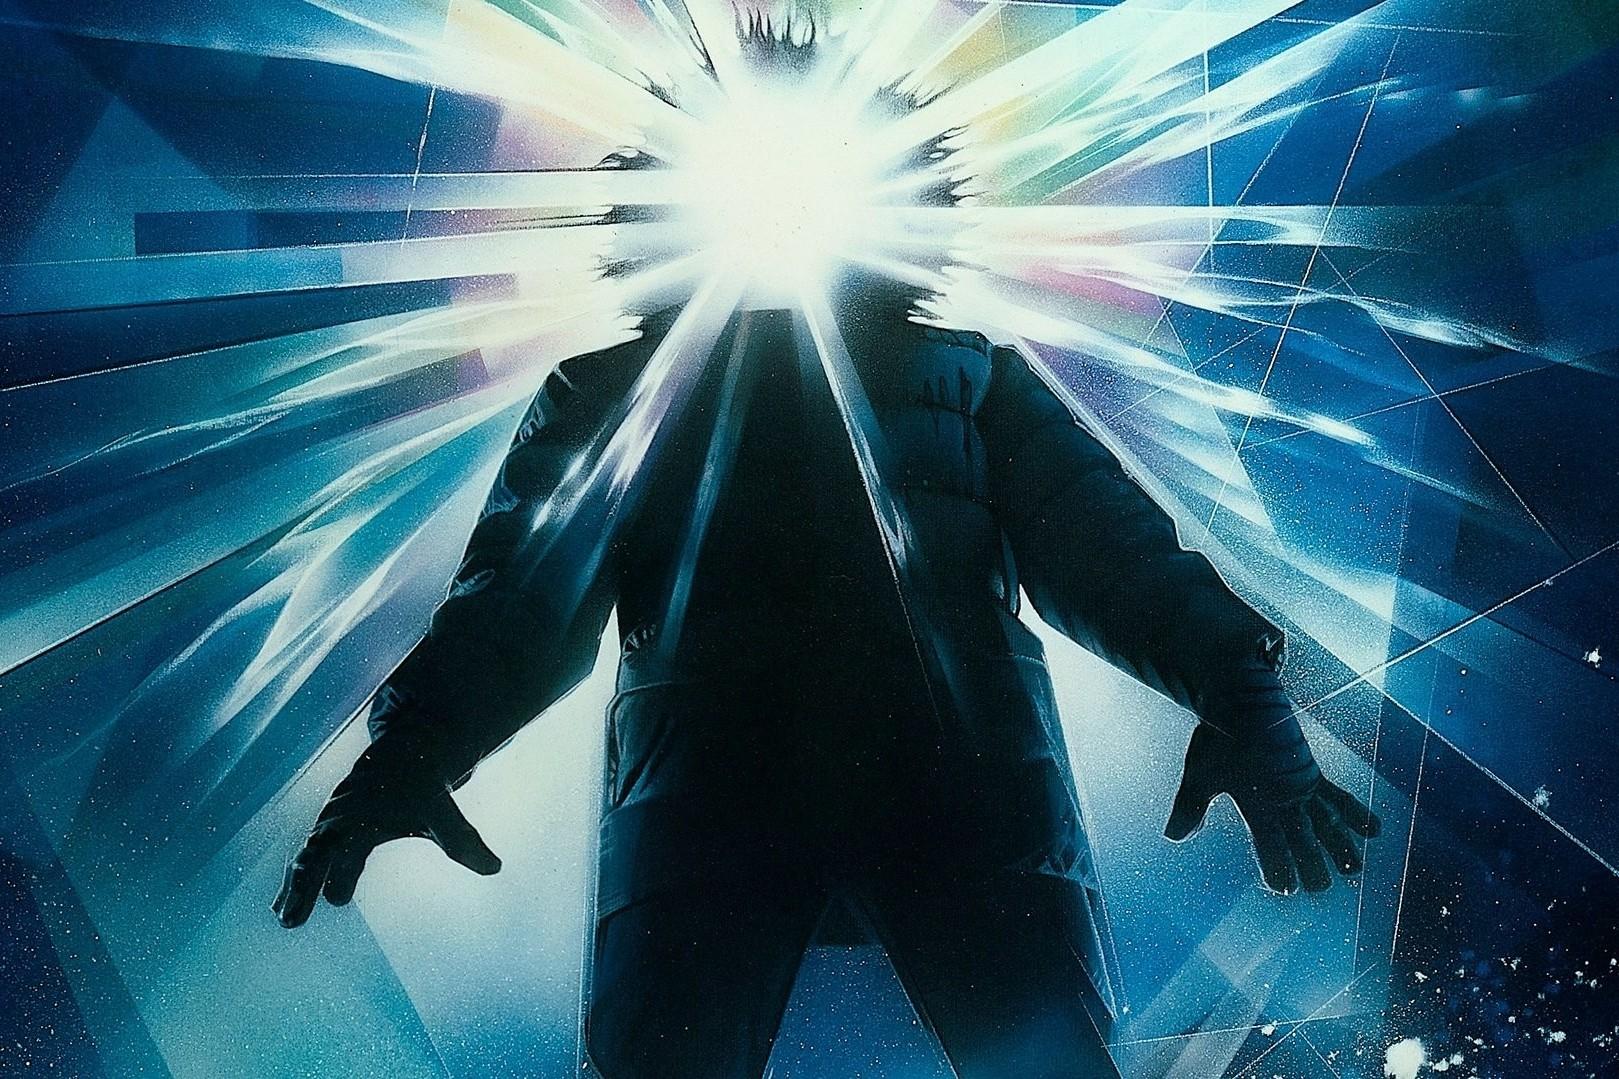 """""""The Thing"""" (1982). Un film de science-fiction horrifique dasn une station scientifique perdue en Norvège. Glaçant."""